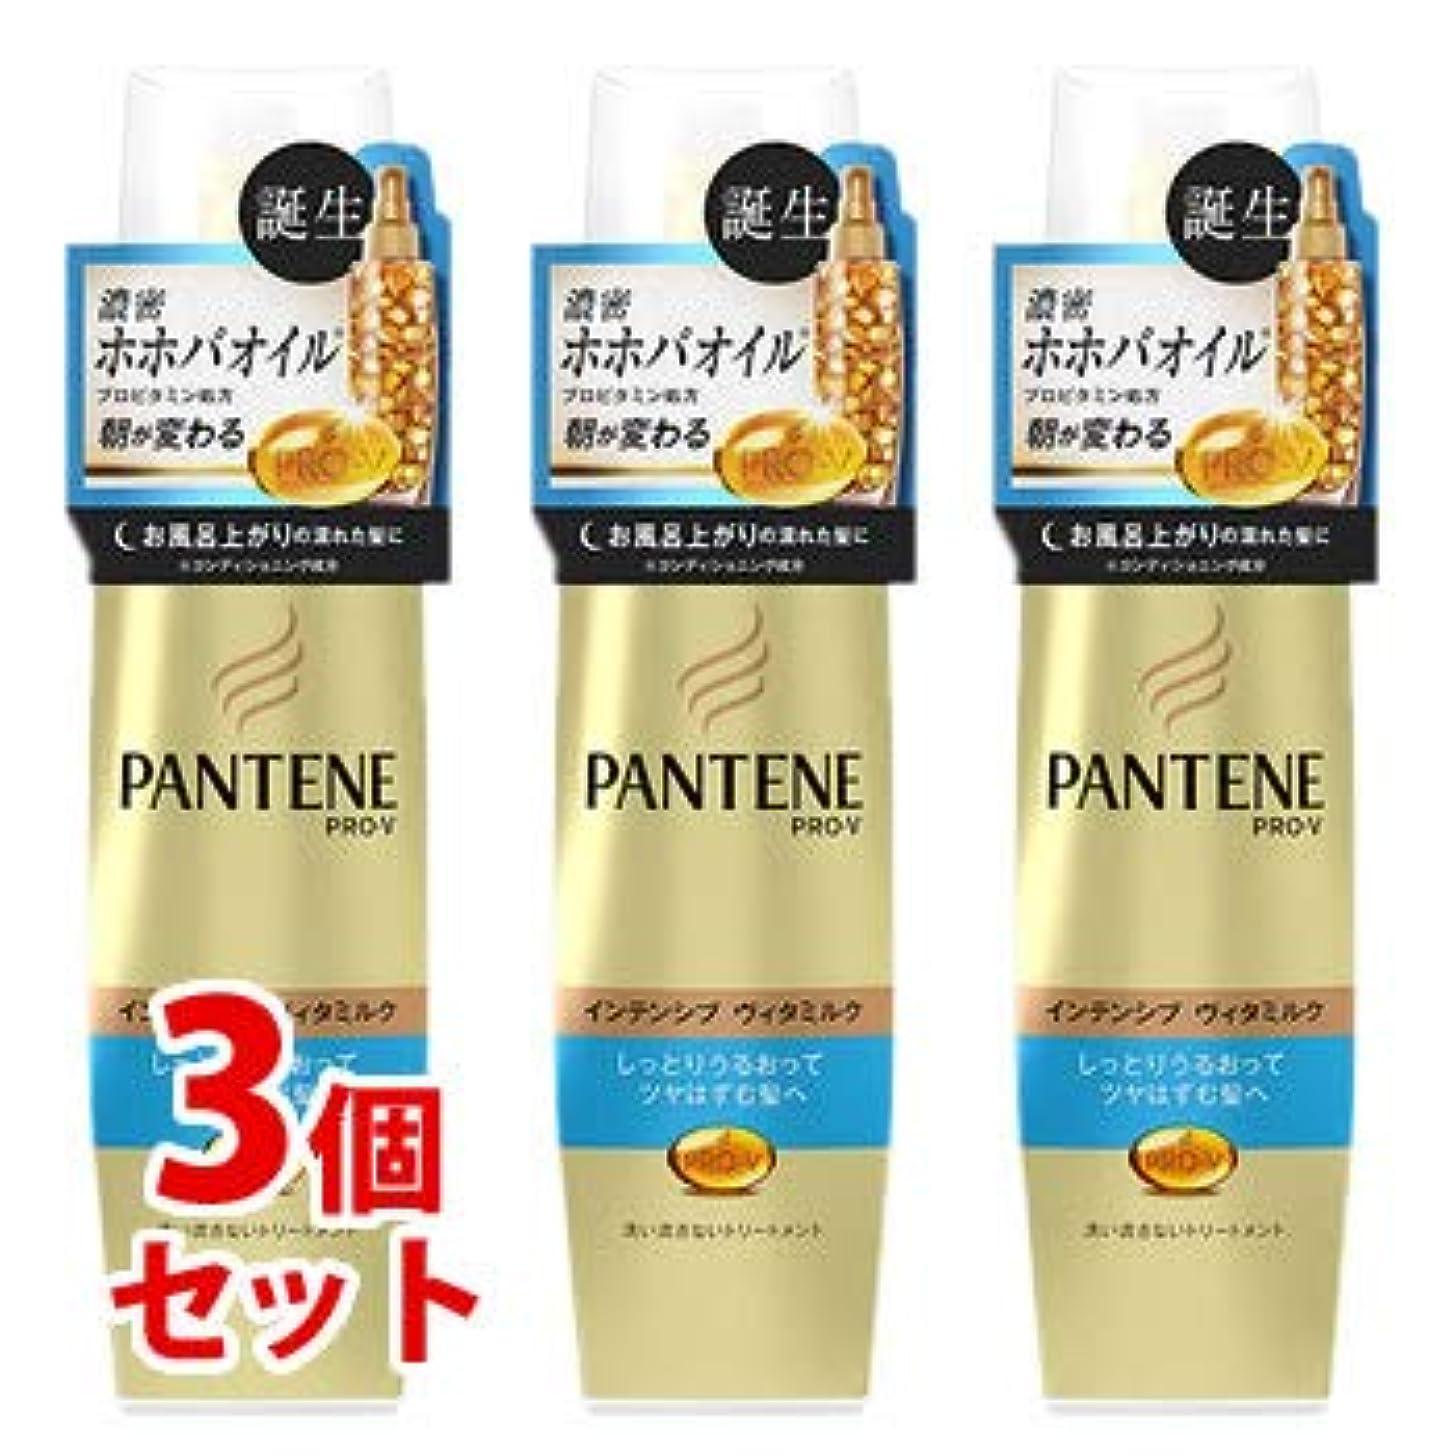 年齢同級生ブラインド《セット販売》 P&G パンテーン モイストスムースケア インテンシブヴィタミルク パサついてまとまらない髪用 (100mL)×3個セット 洗い流さないトリートメント